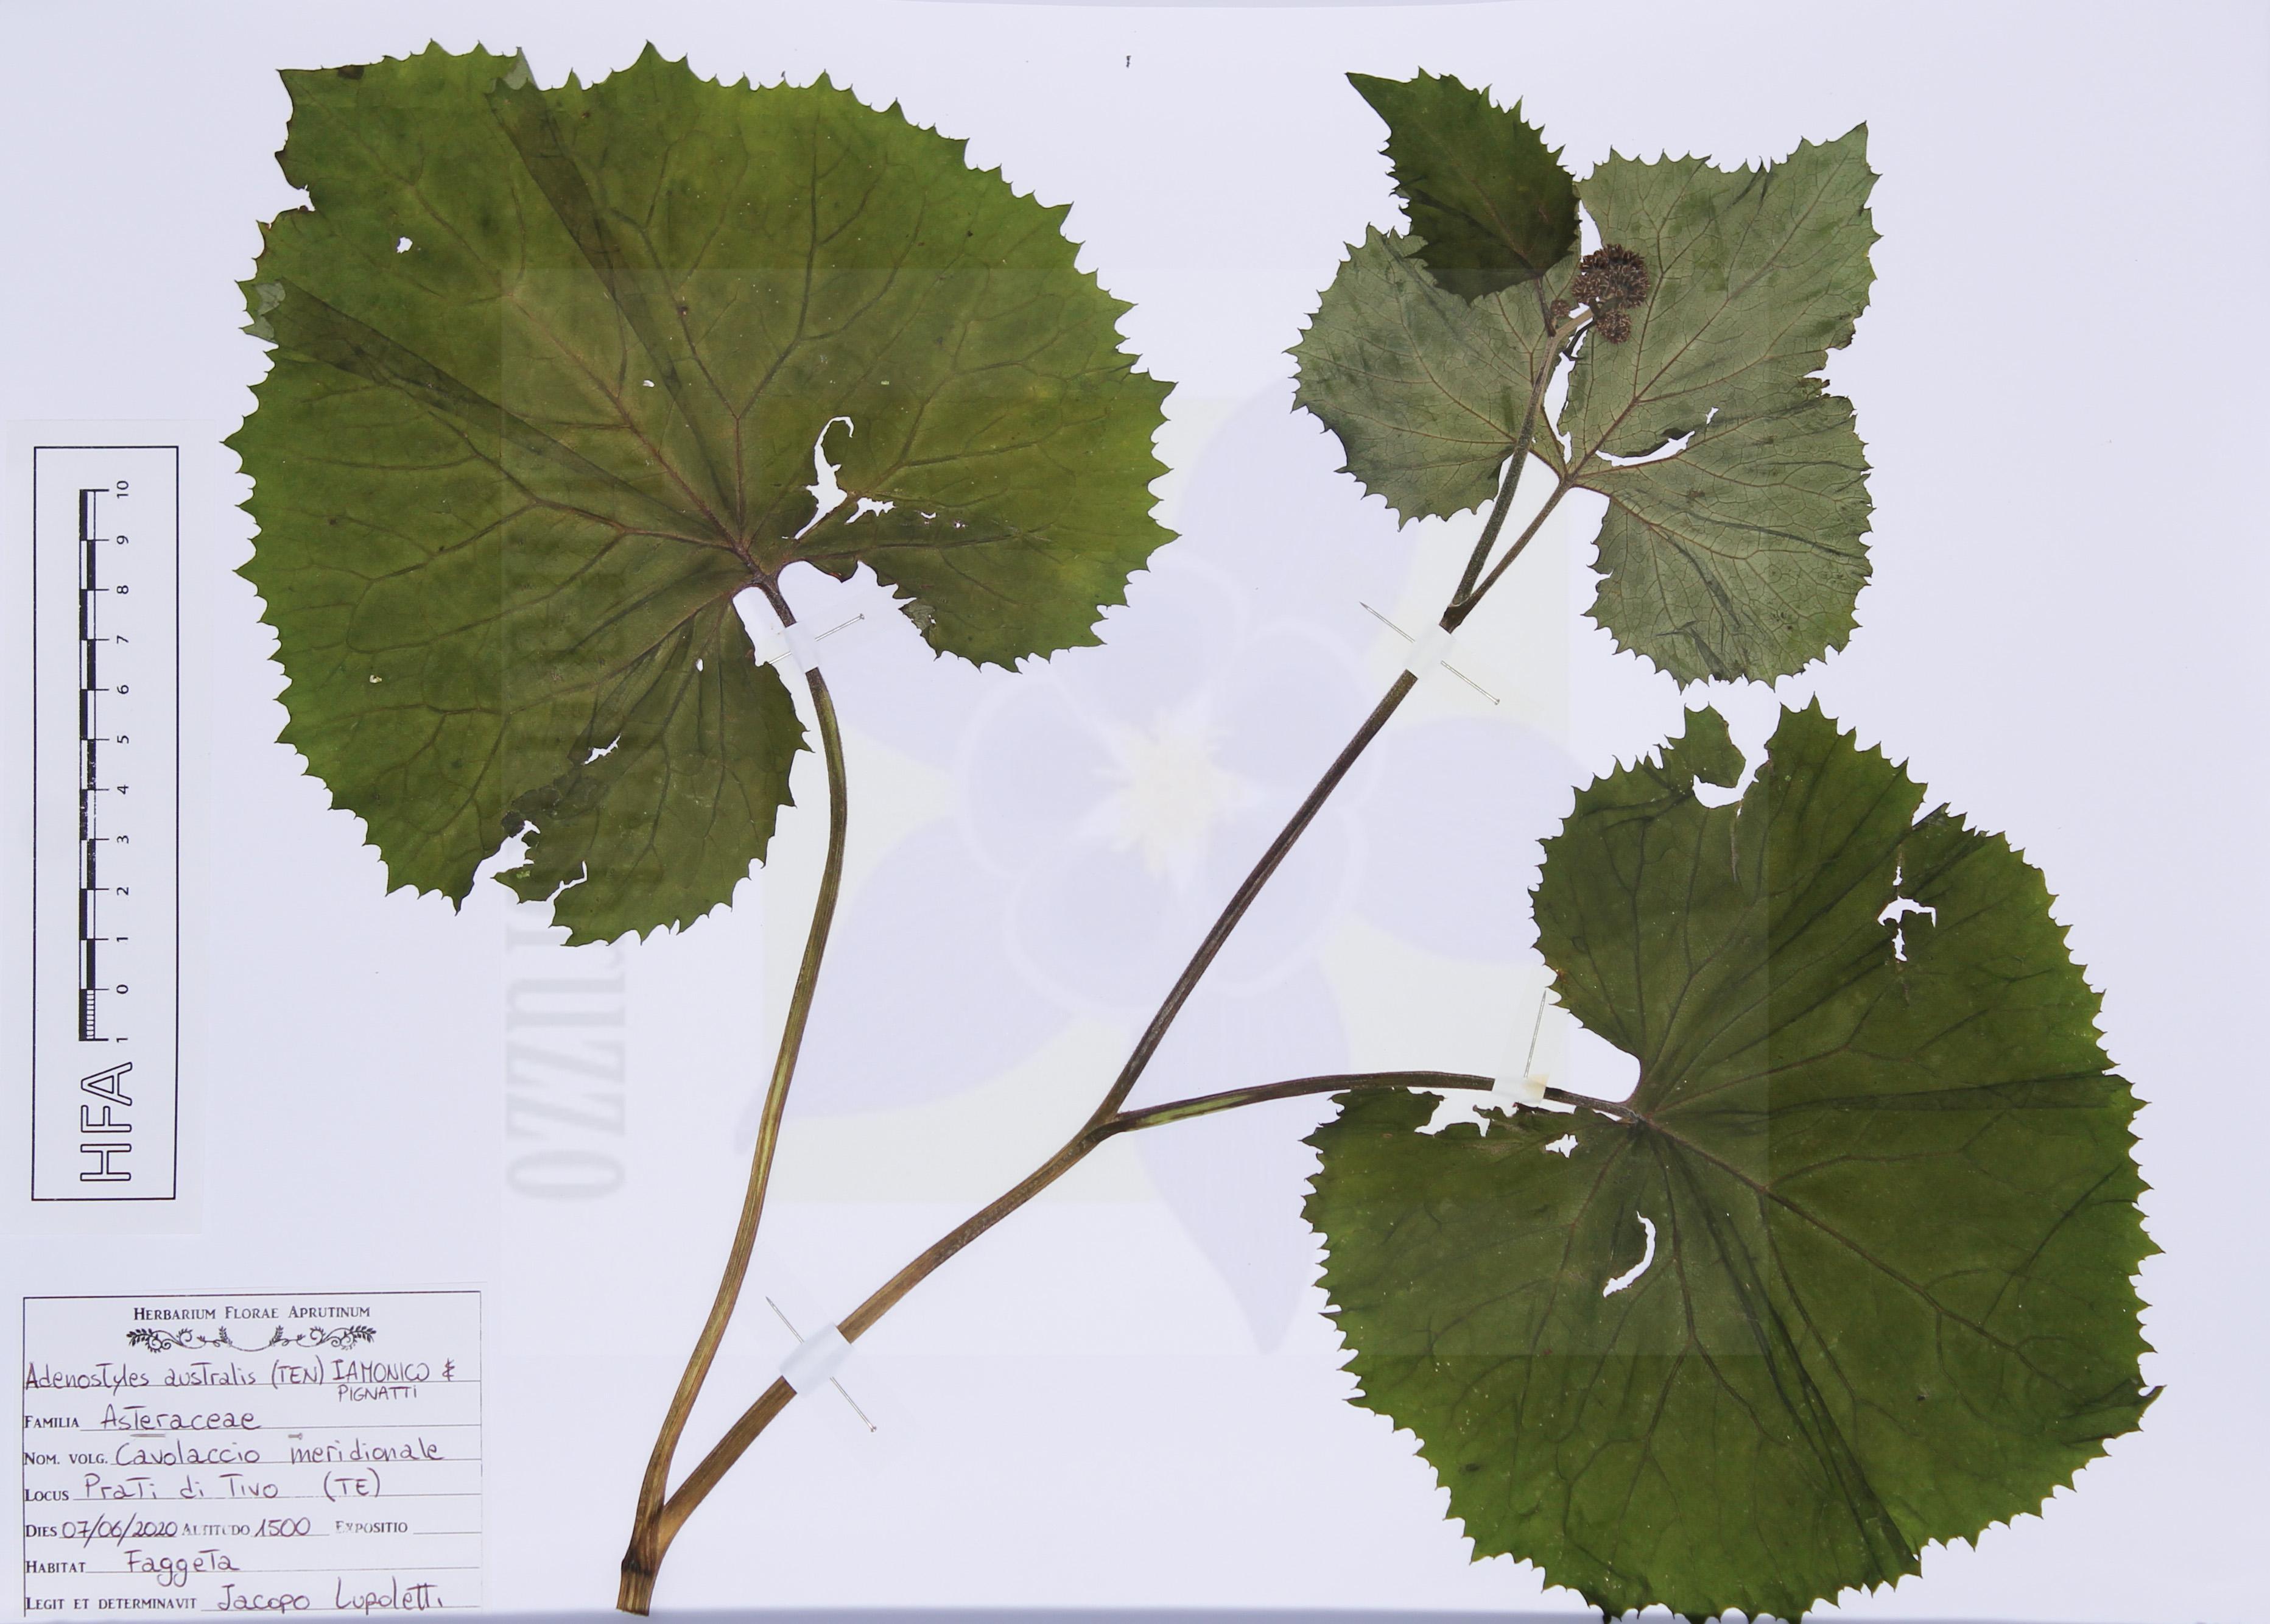 Adenostyles australis(Ten.) Iamonico & Pignatti